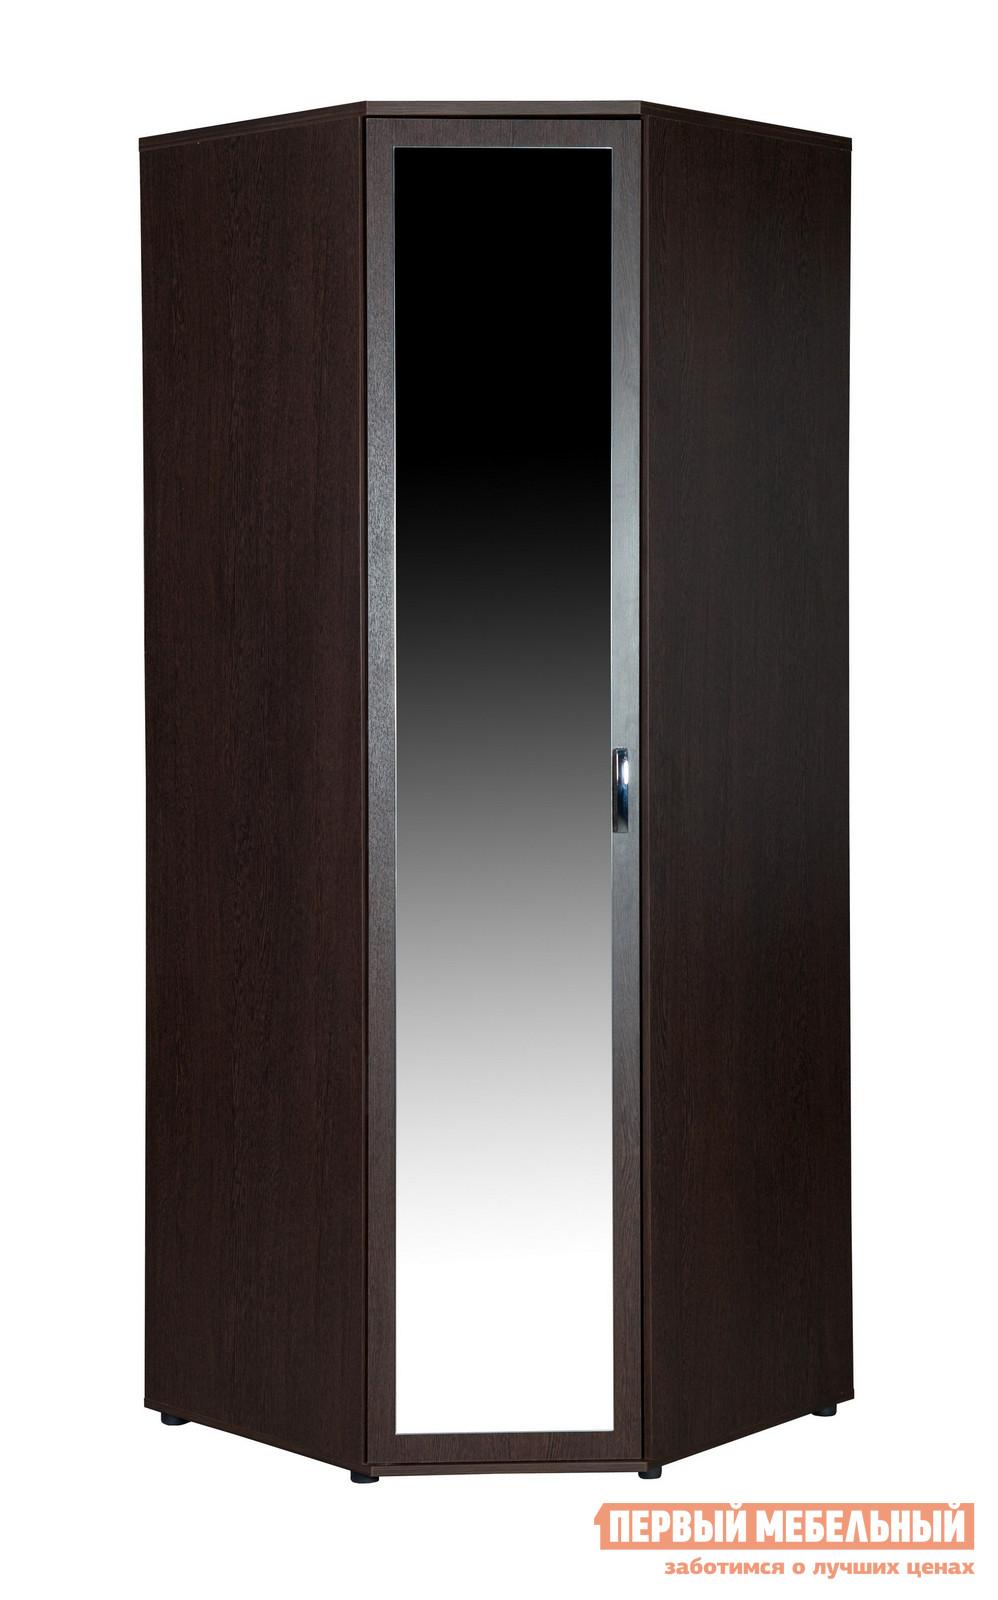 Шкаф распашной Витра 95.09 Шкаф угловой витра шкаф распашной витра 95 11 шкаф двухдверный венге бел дуб